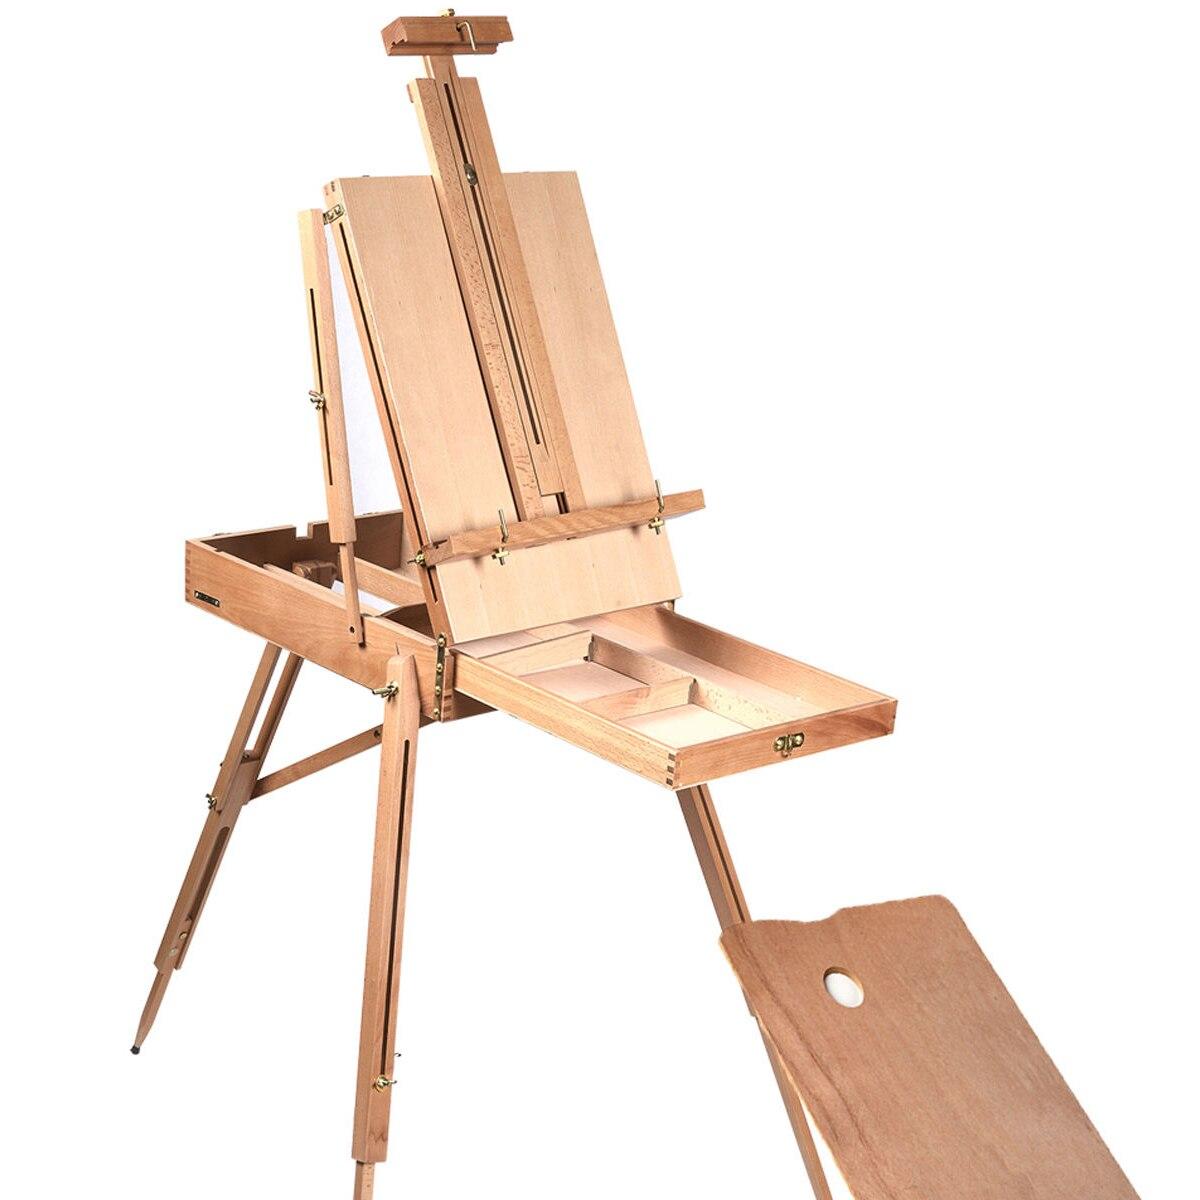 Professionnel pliant Art bois bois chevalet peinture croquis dessin boîte trépied Stand pour peinture à l'huile esquisse peinture fournitures